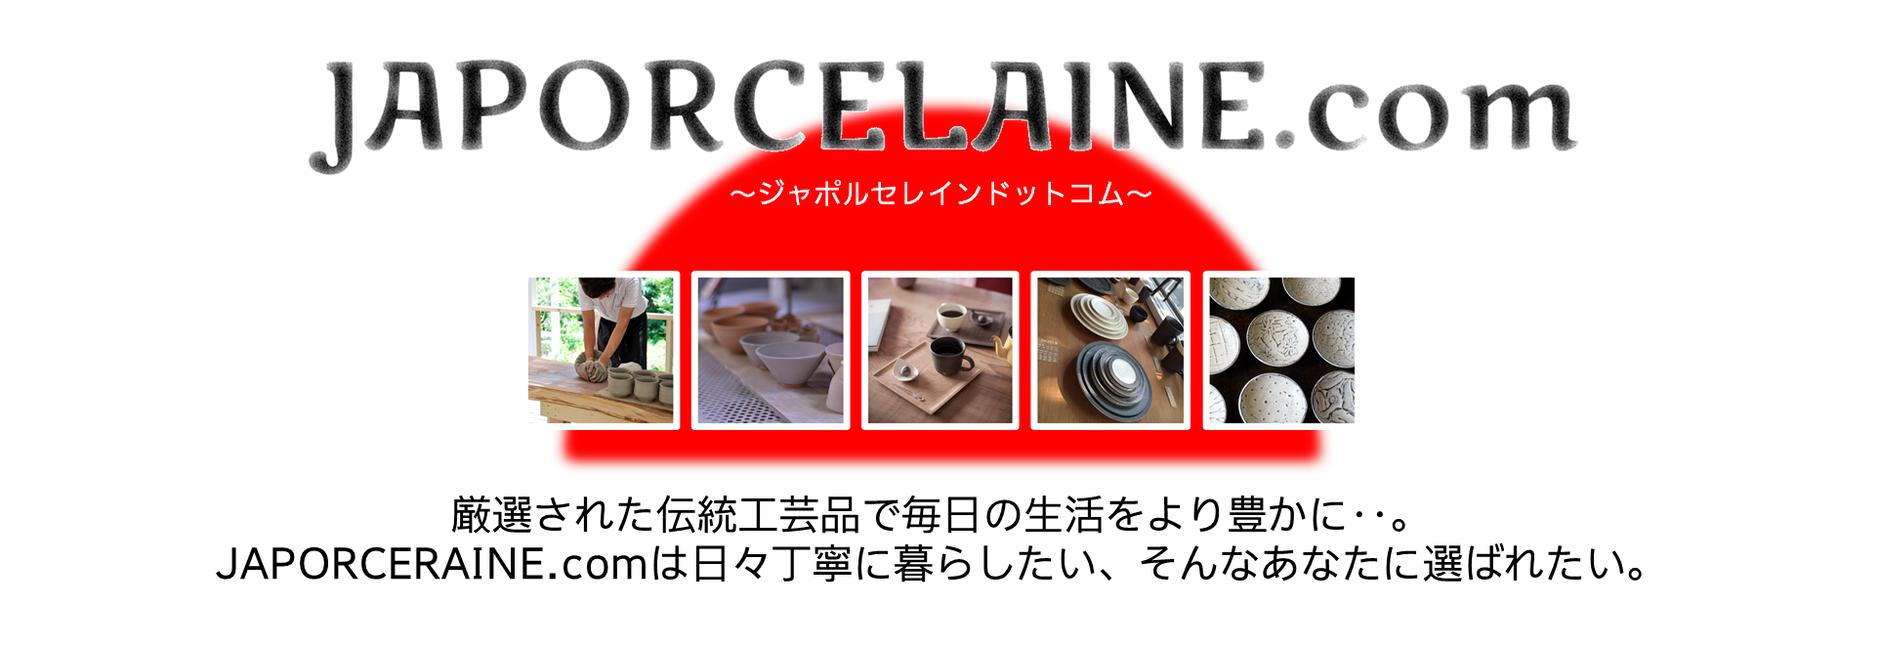 JAPORCELAINE.com